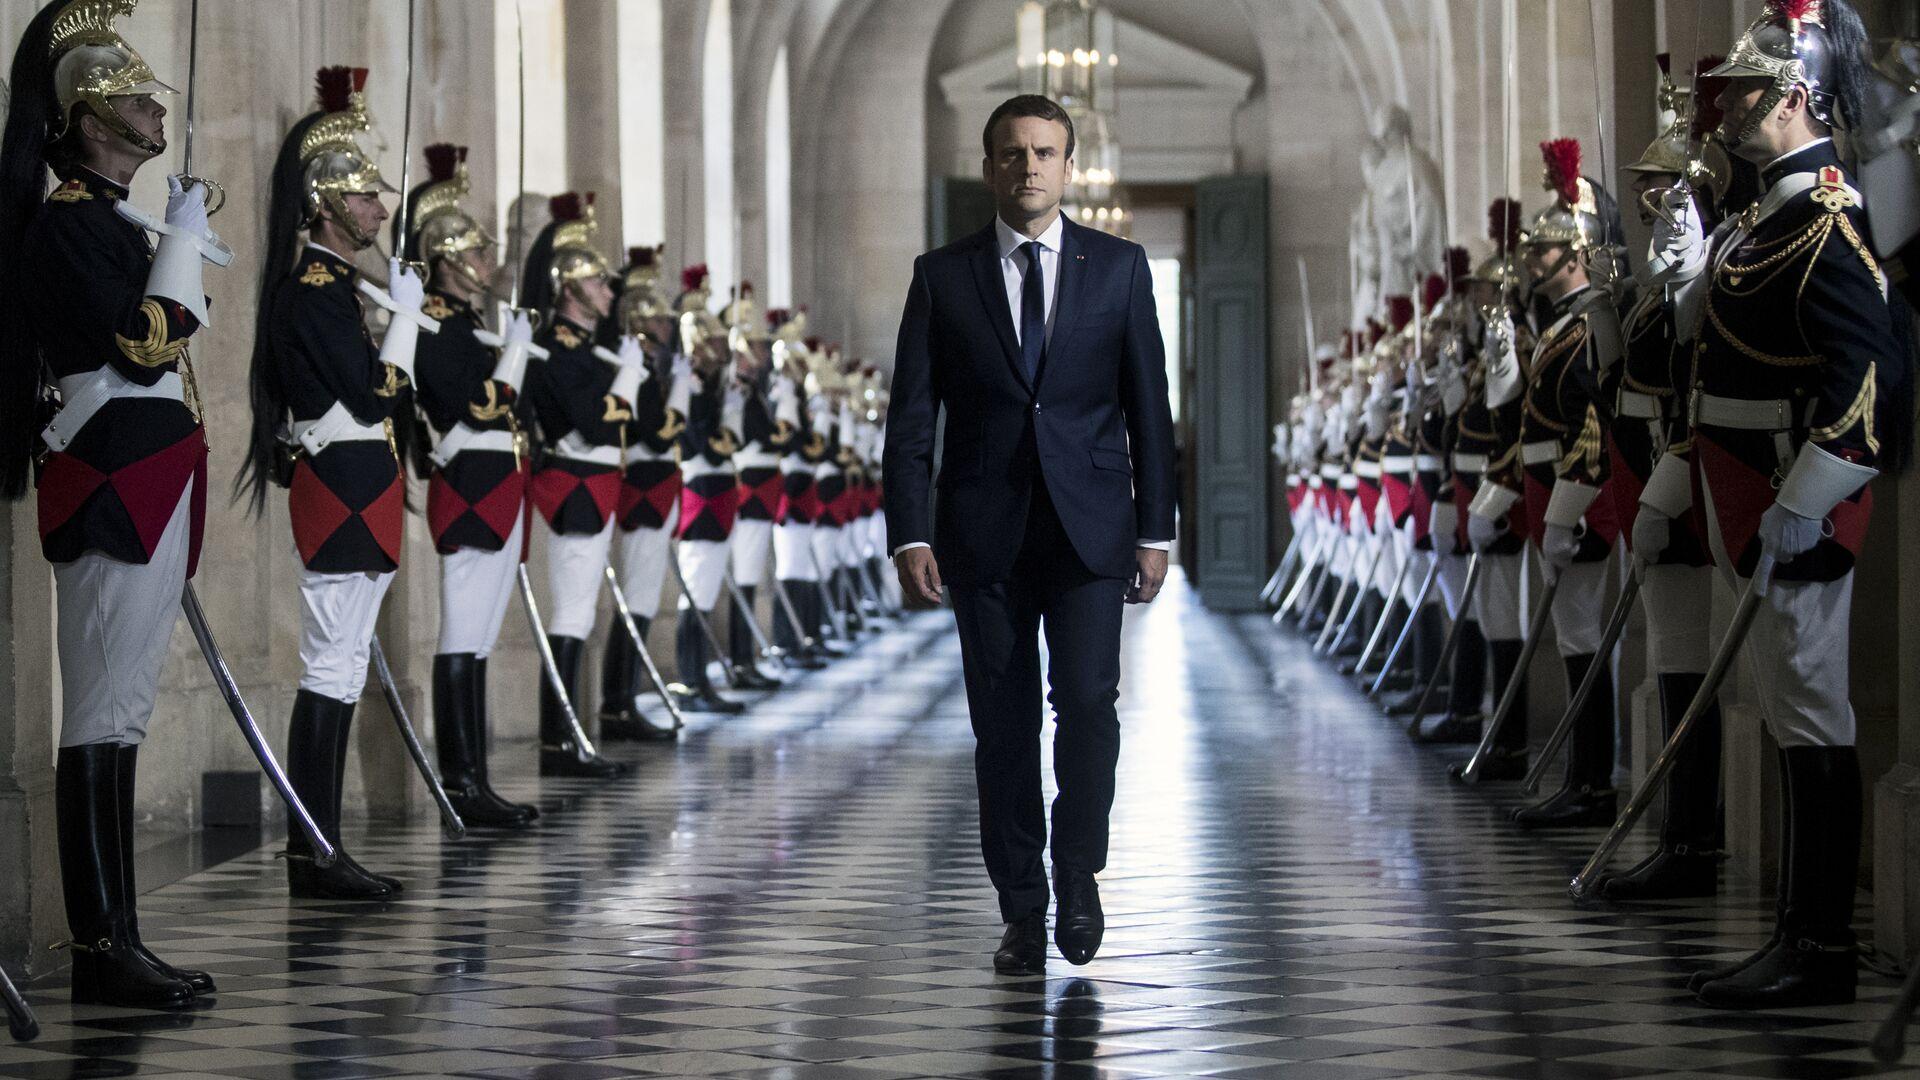 Президент Франции Эммануэль Макрон в Версальском дворце - РИА Новости, 1920, 29.04.2021